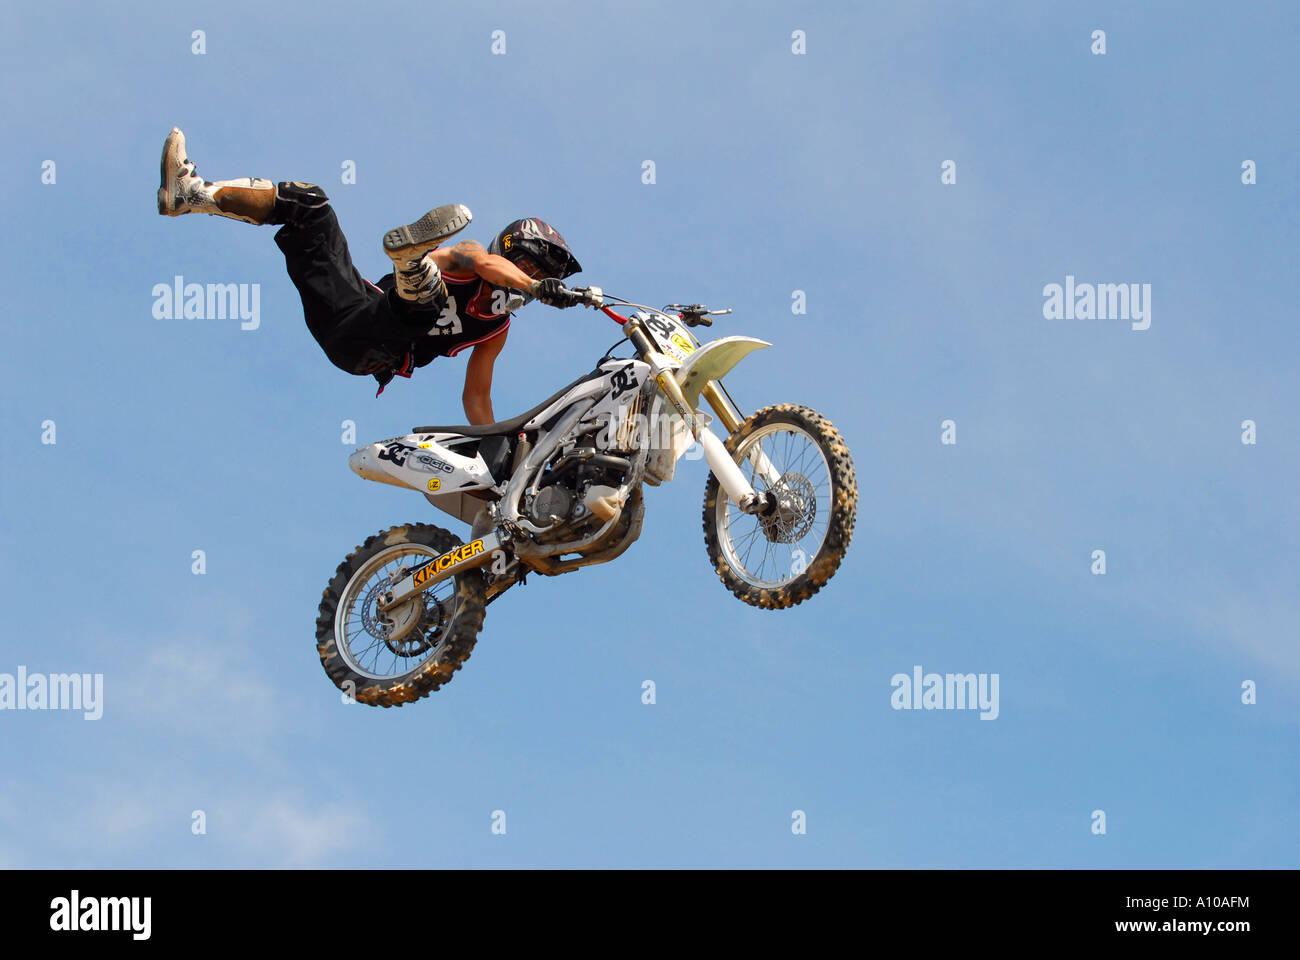 Dirt Bike Rider stunt rider - Stock Image